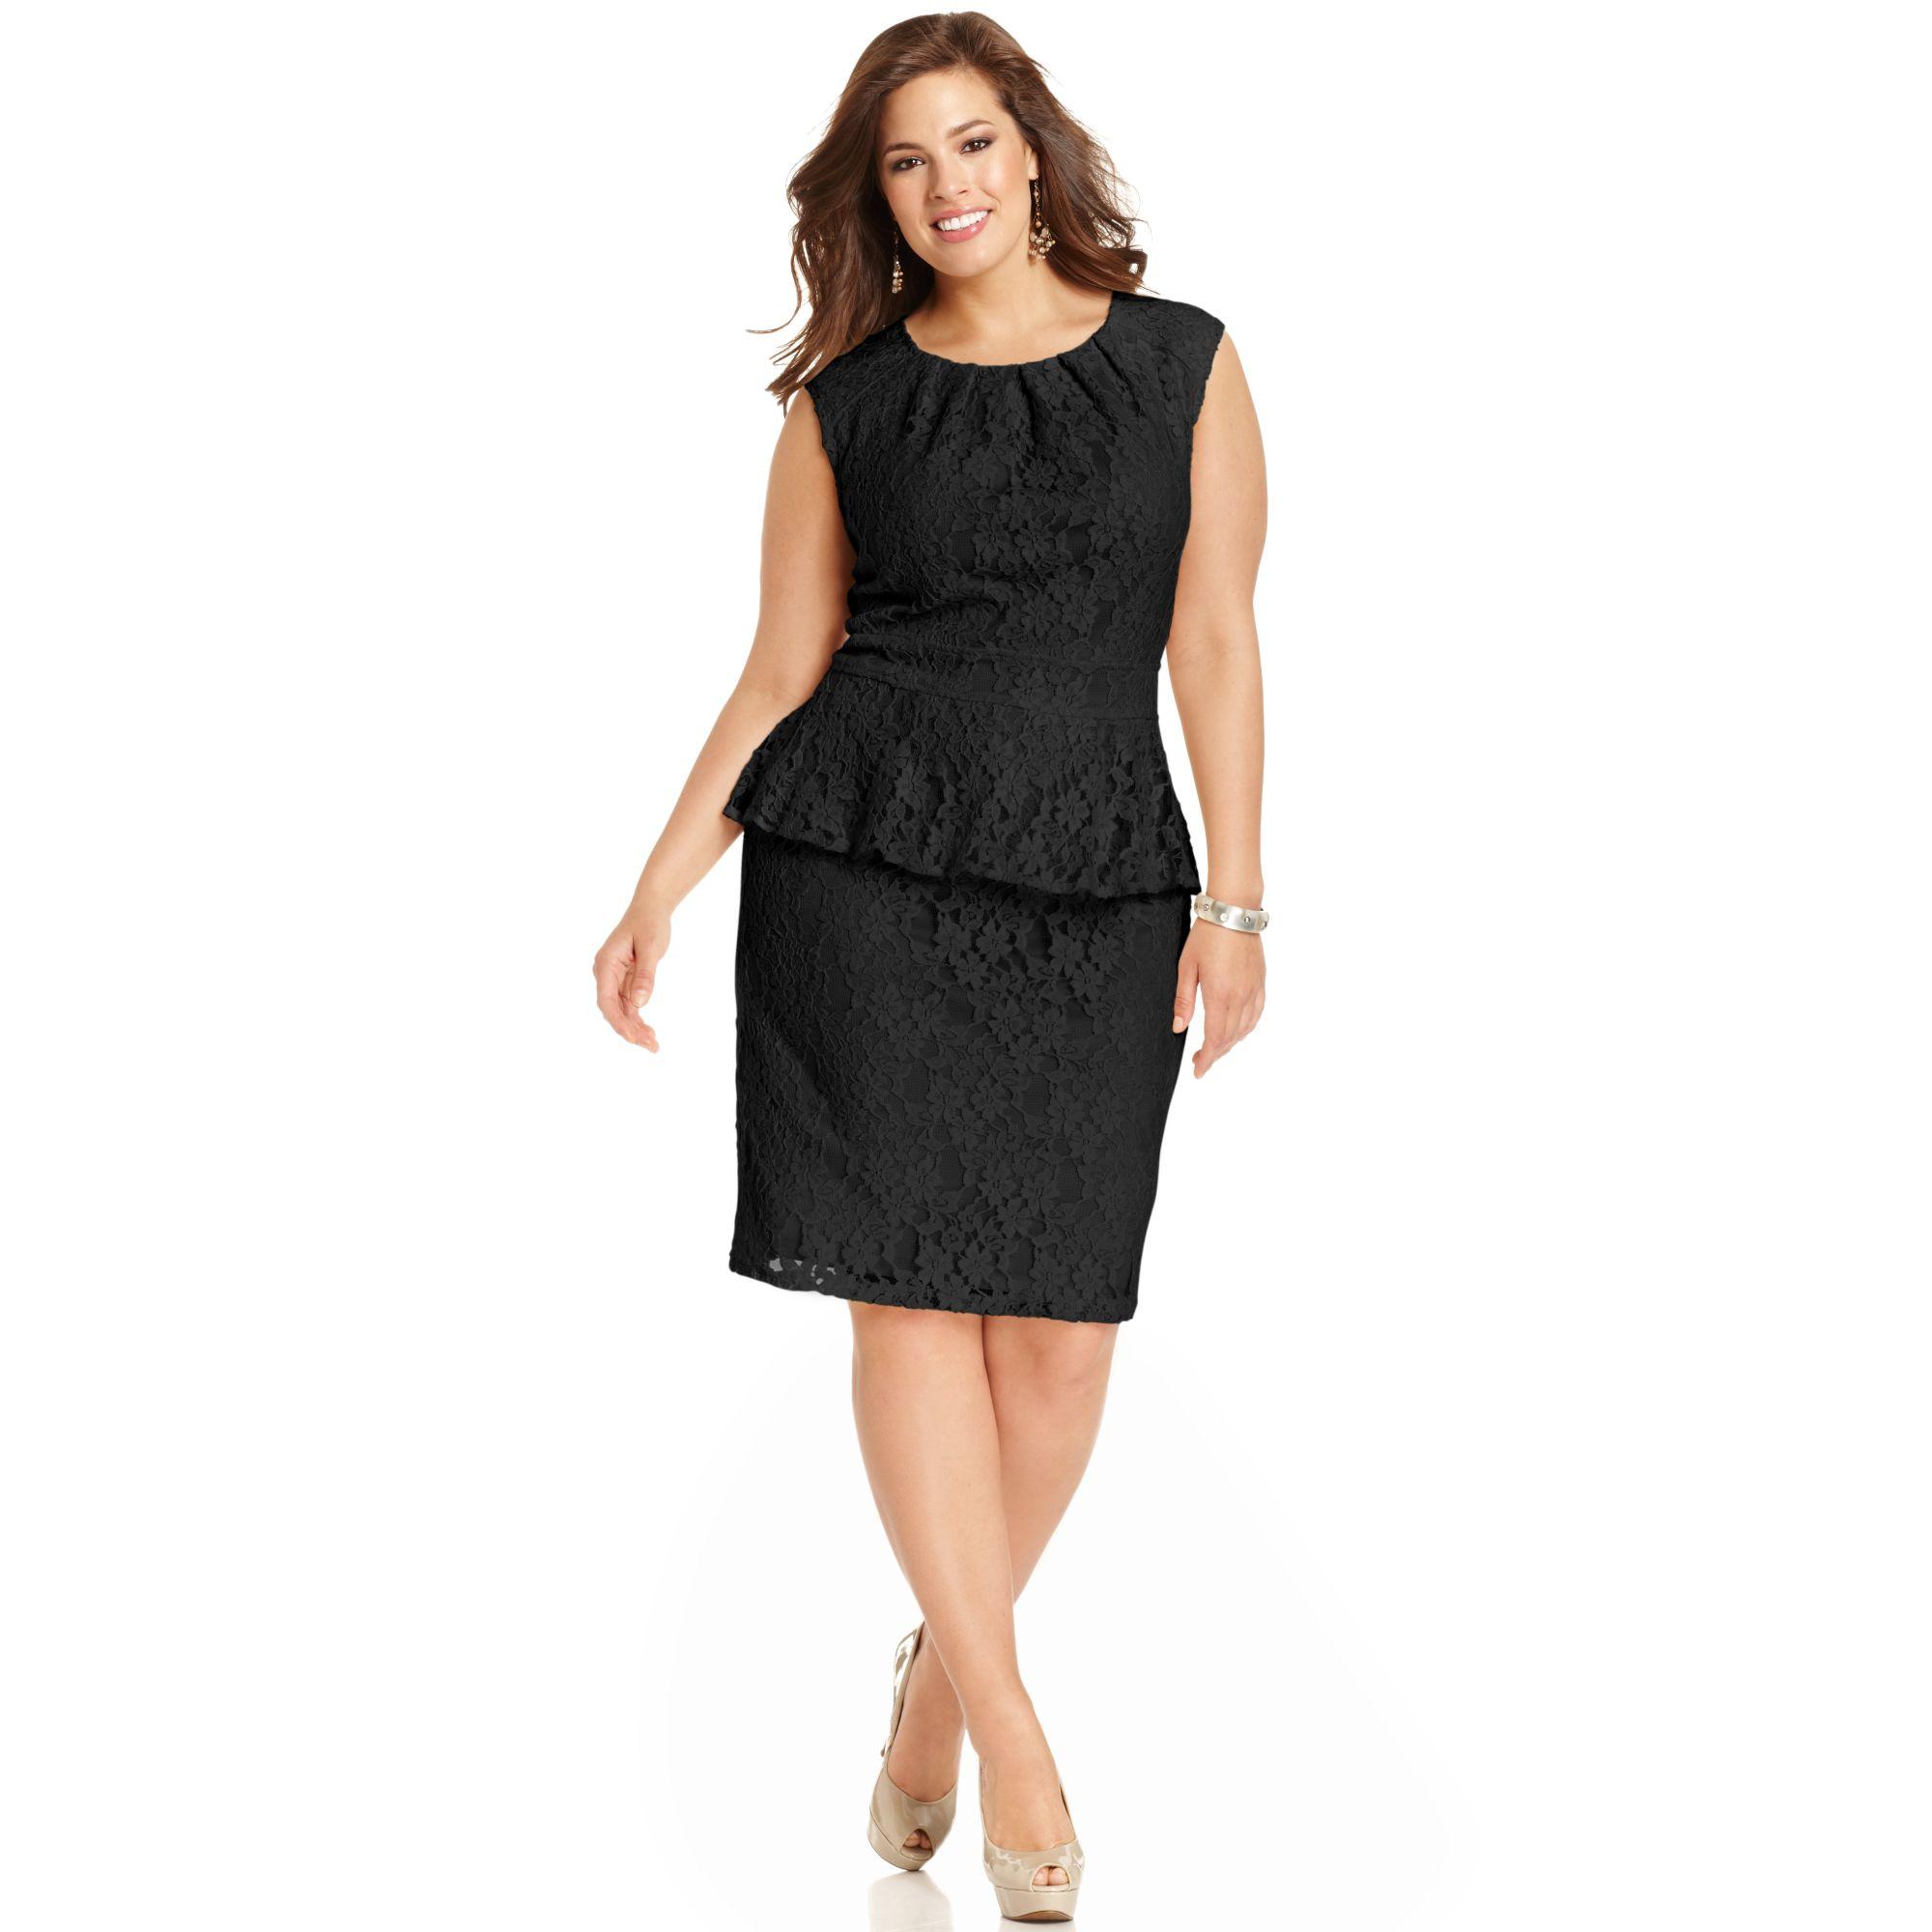 Spense Plus Size Dresses